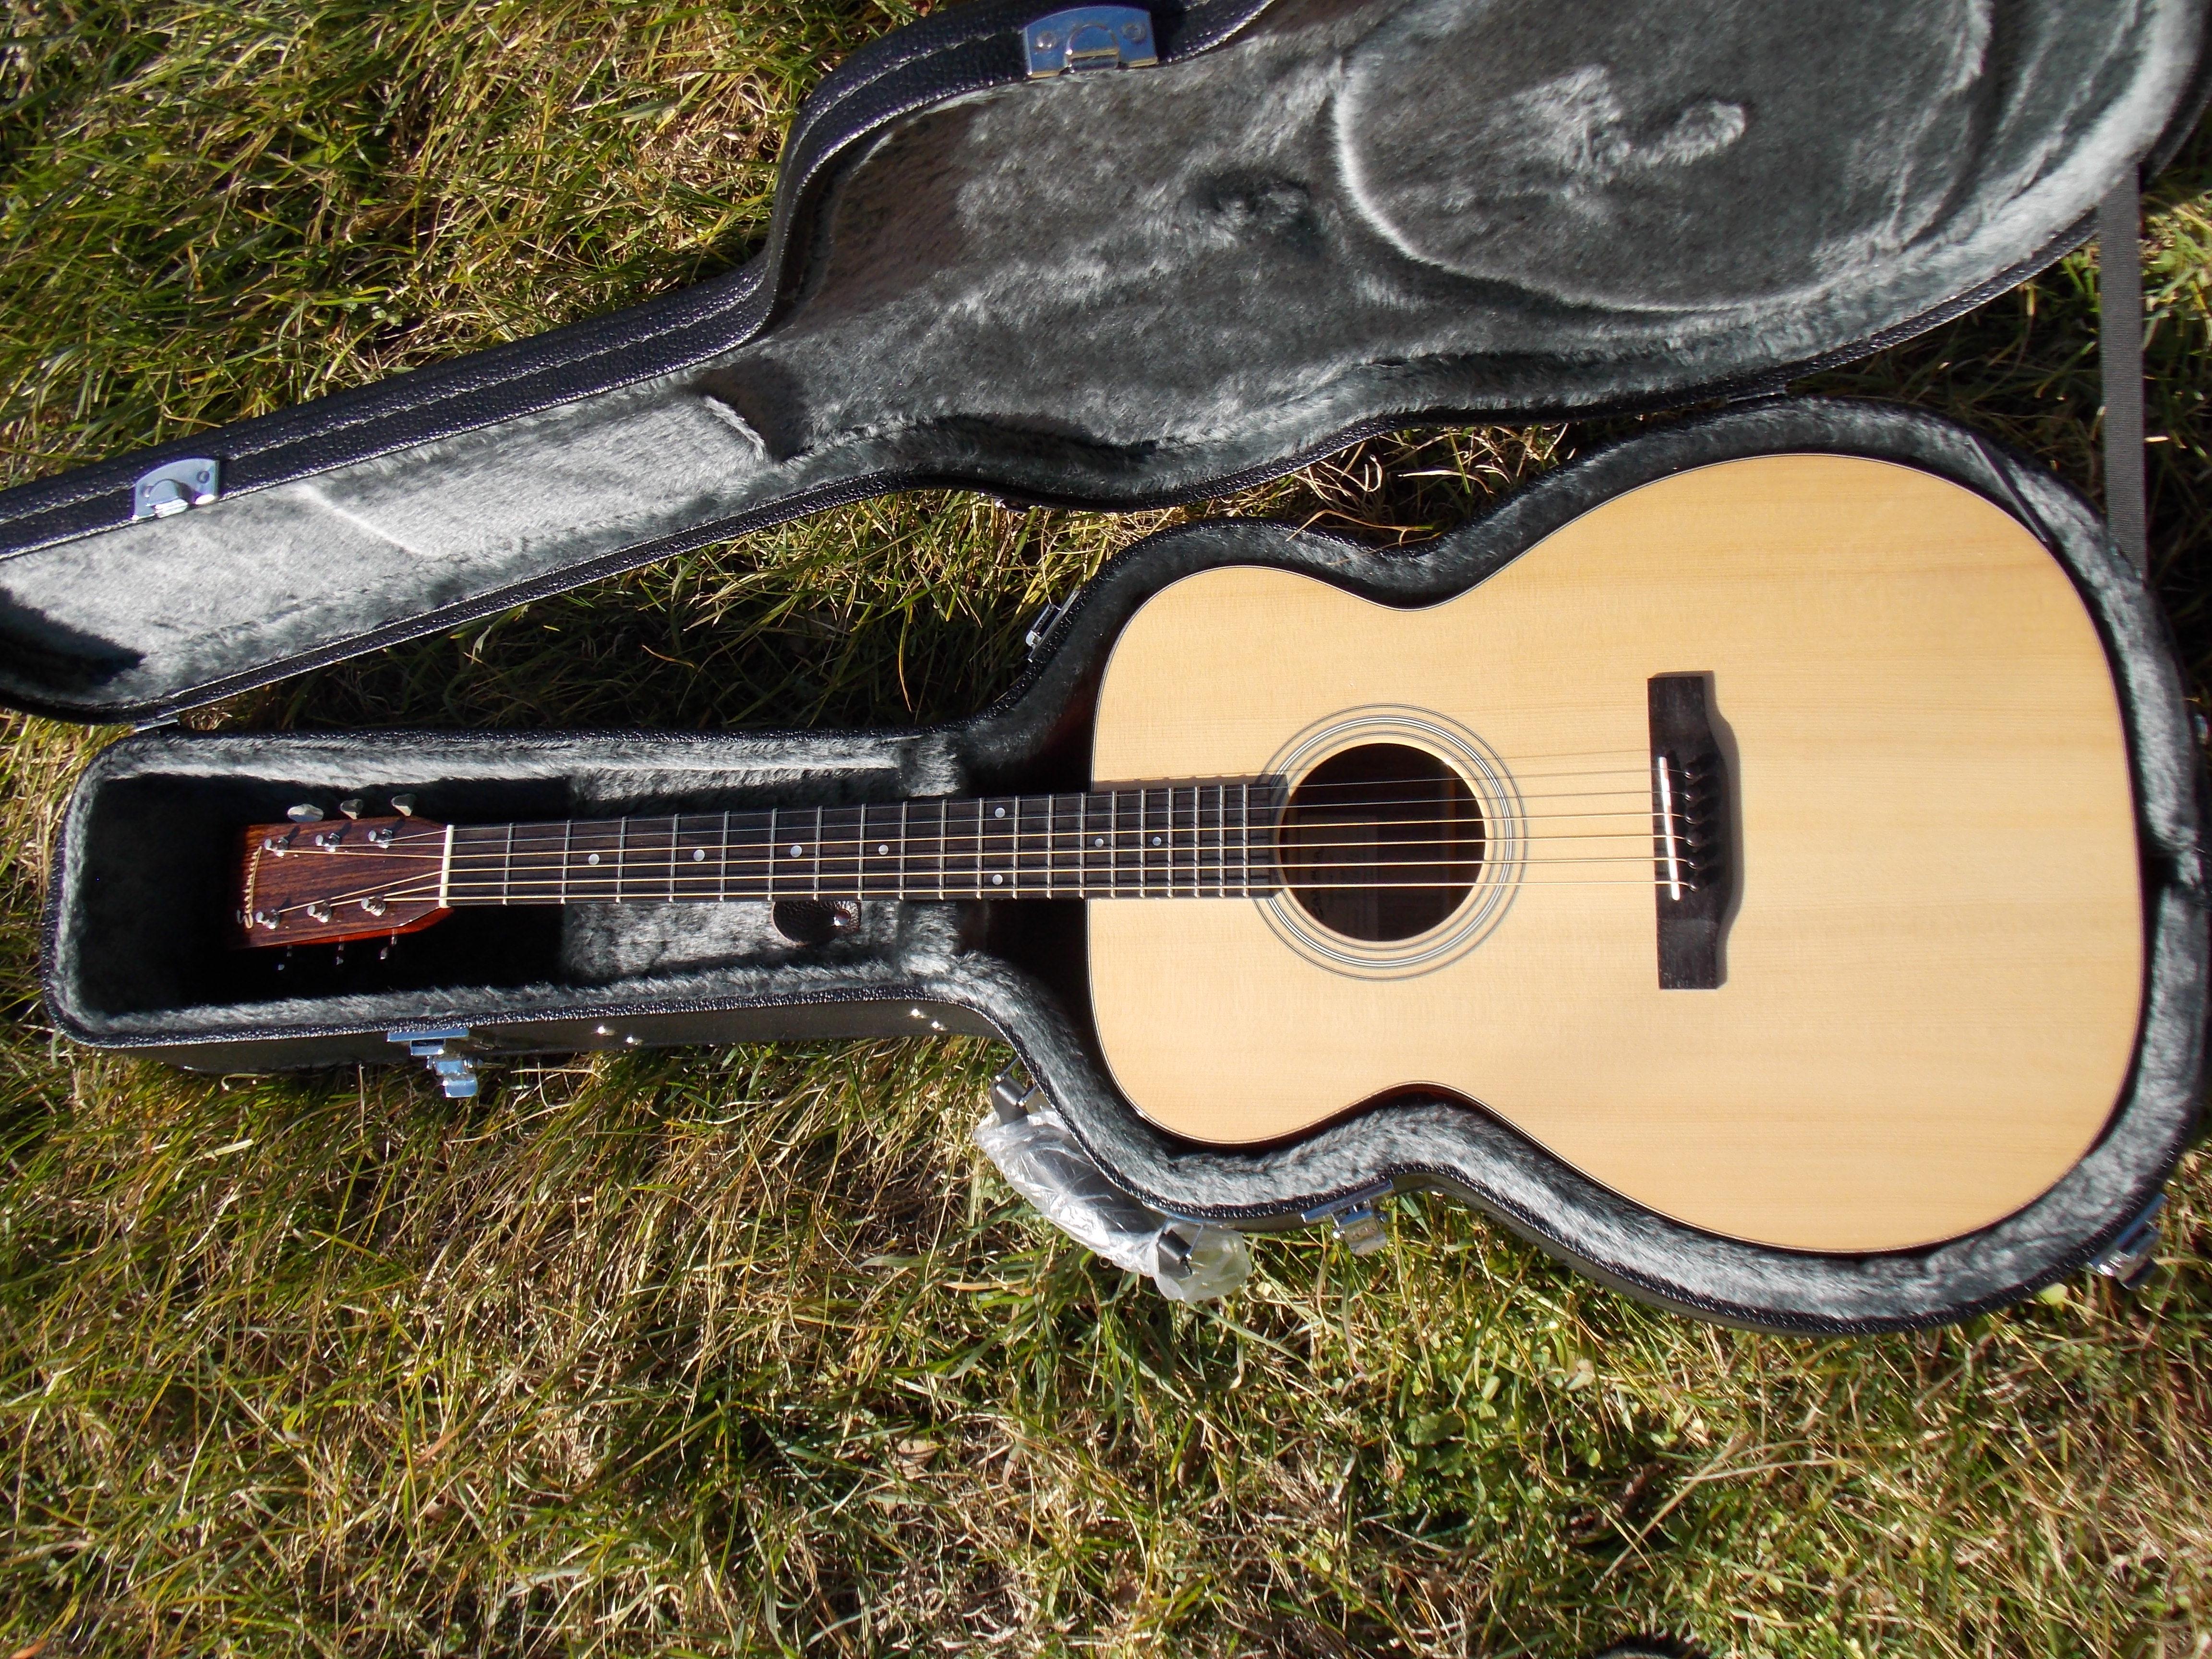 A Superb Aesthetics Guitar And Sound Level Reviews Eastman E10 Om